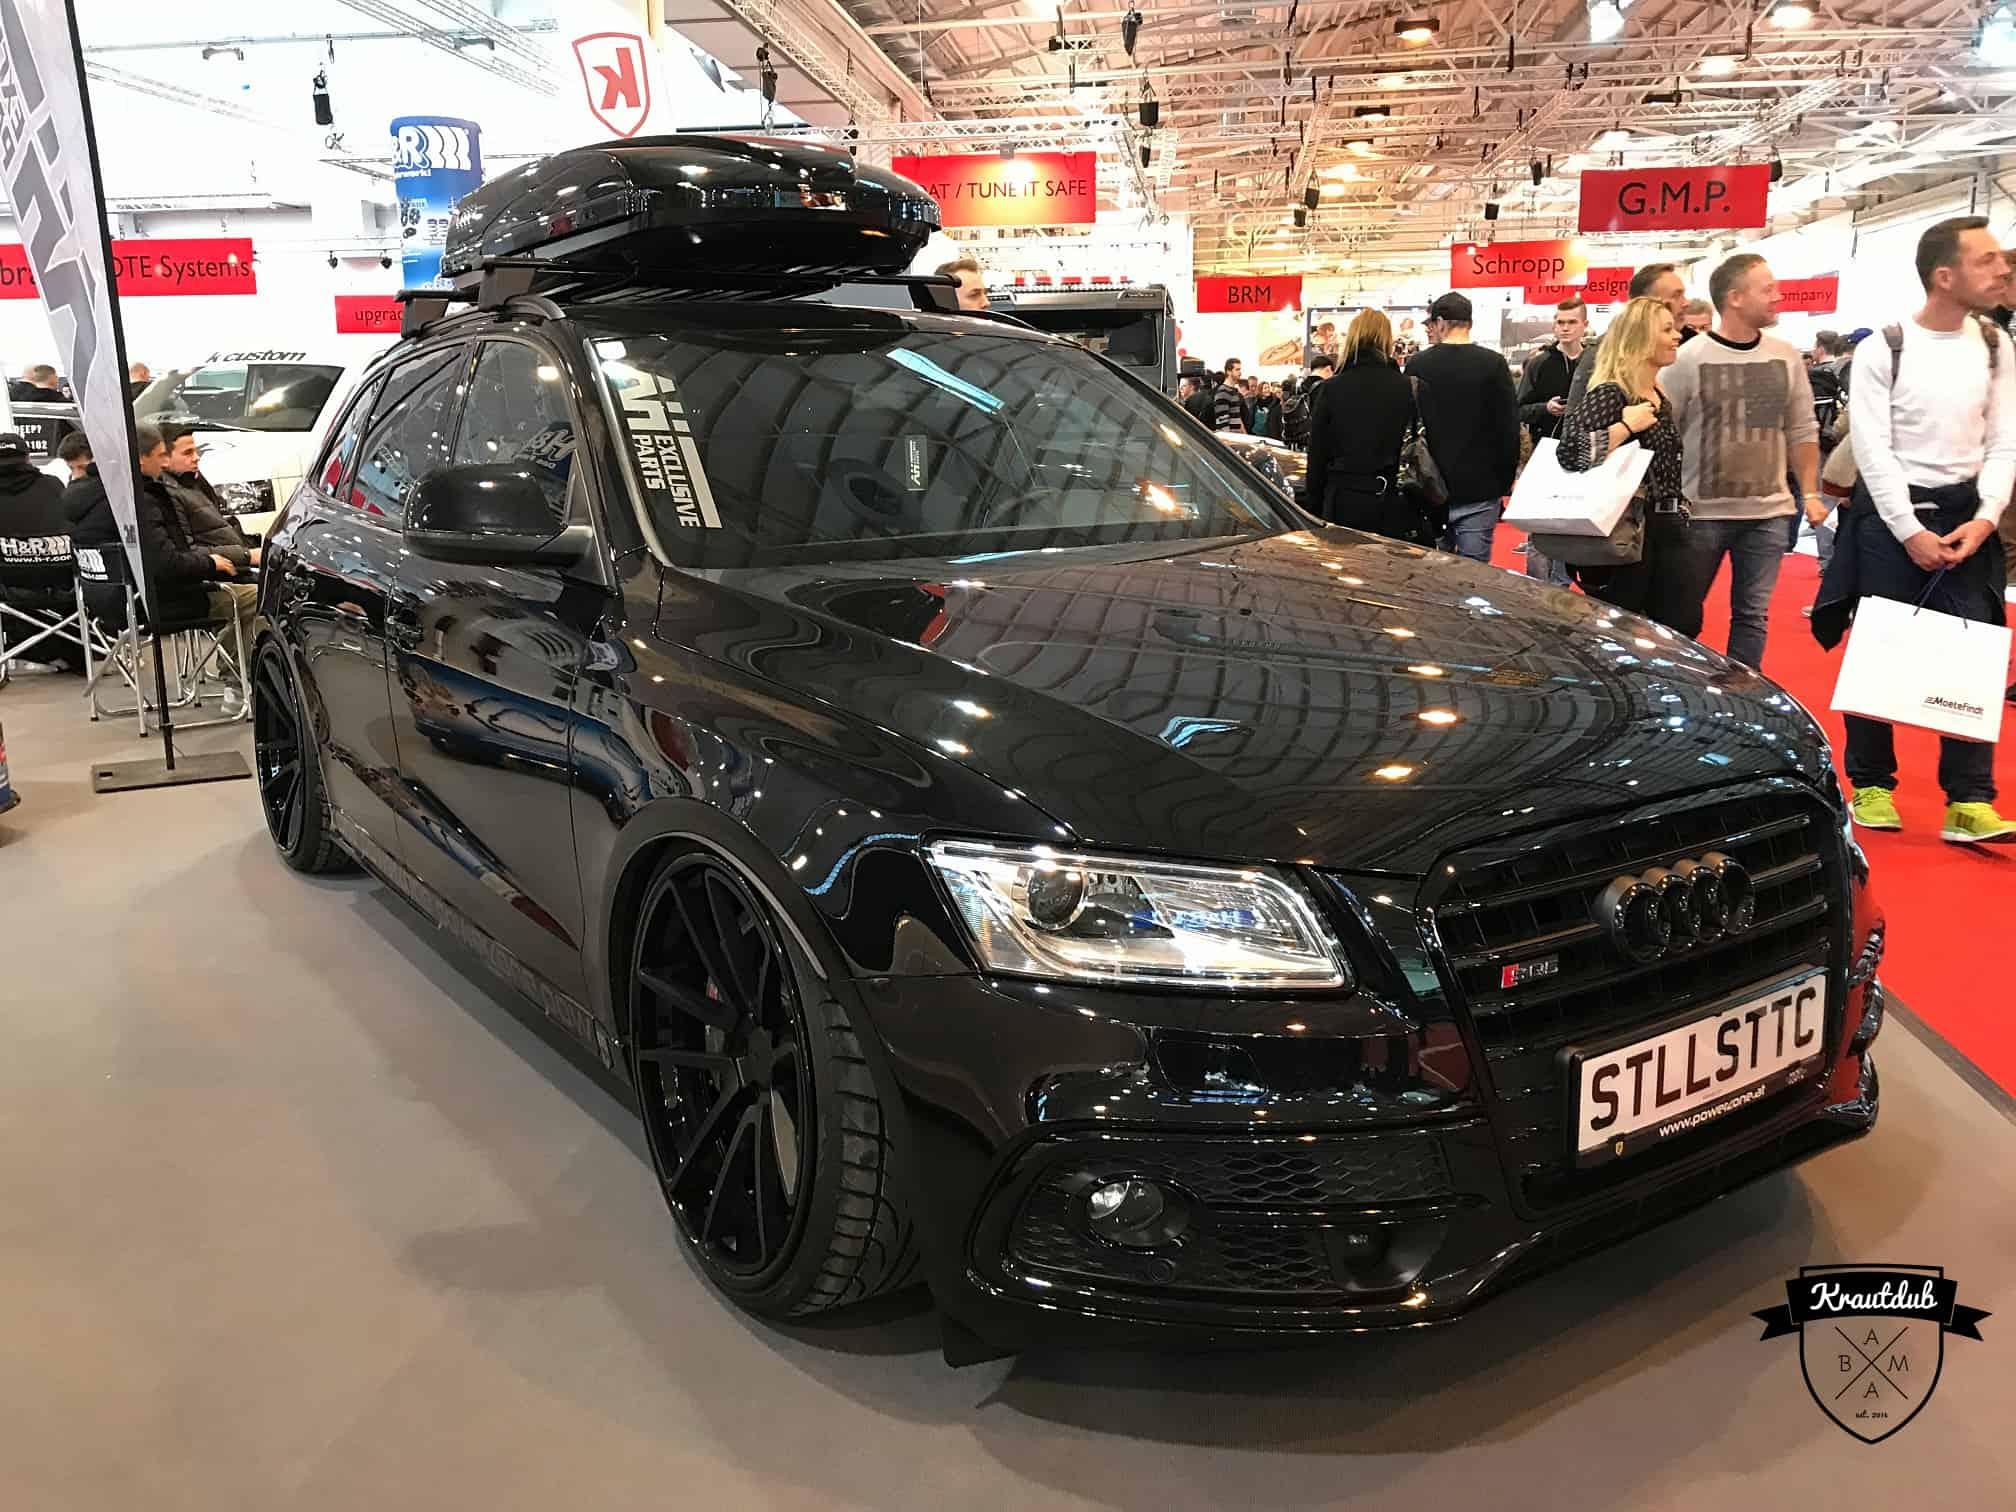 Stanced Audi Q5 mit Dachbox